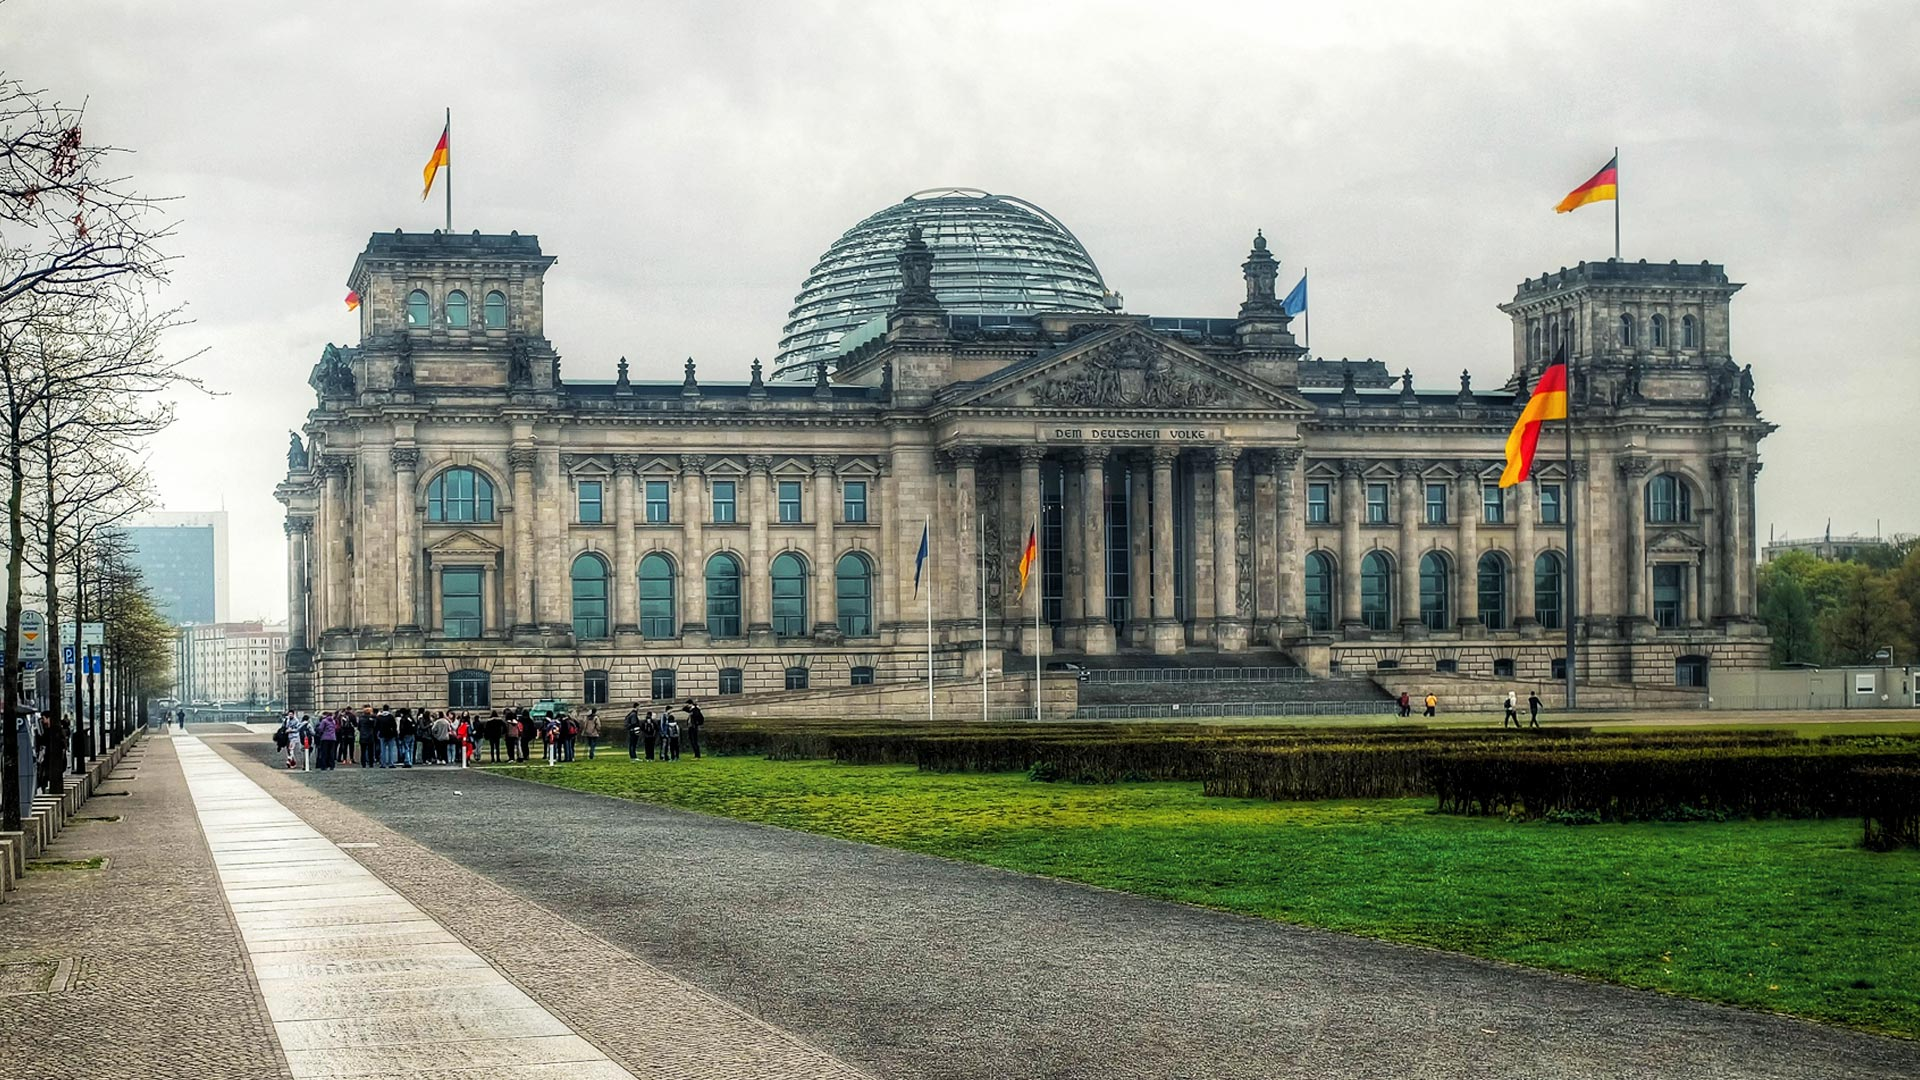 33 ciekawostki o Berlinie – informacje, z czego słynie, śmieszne info